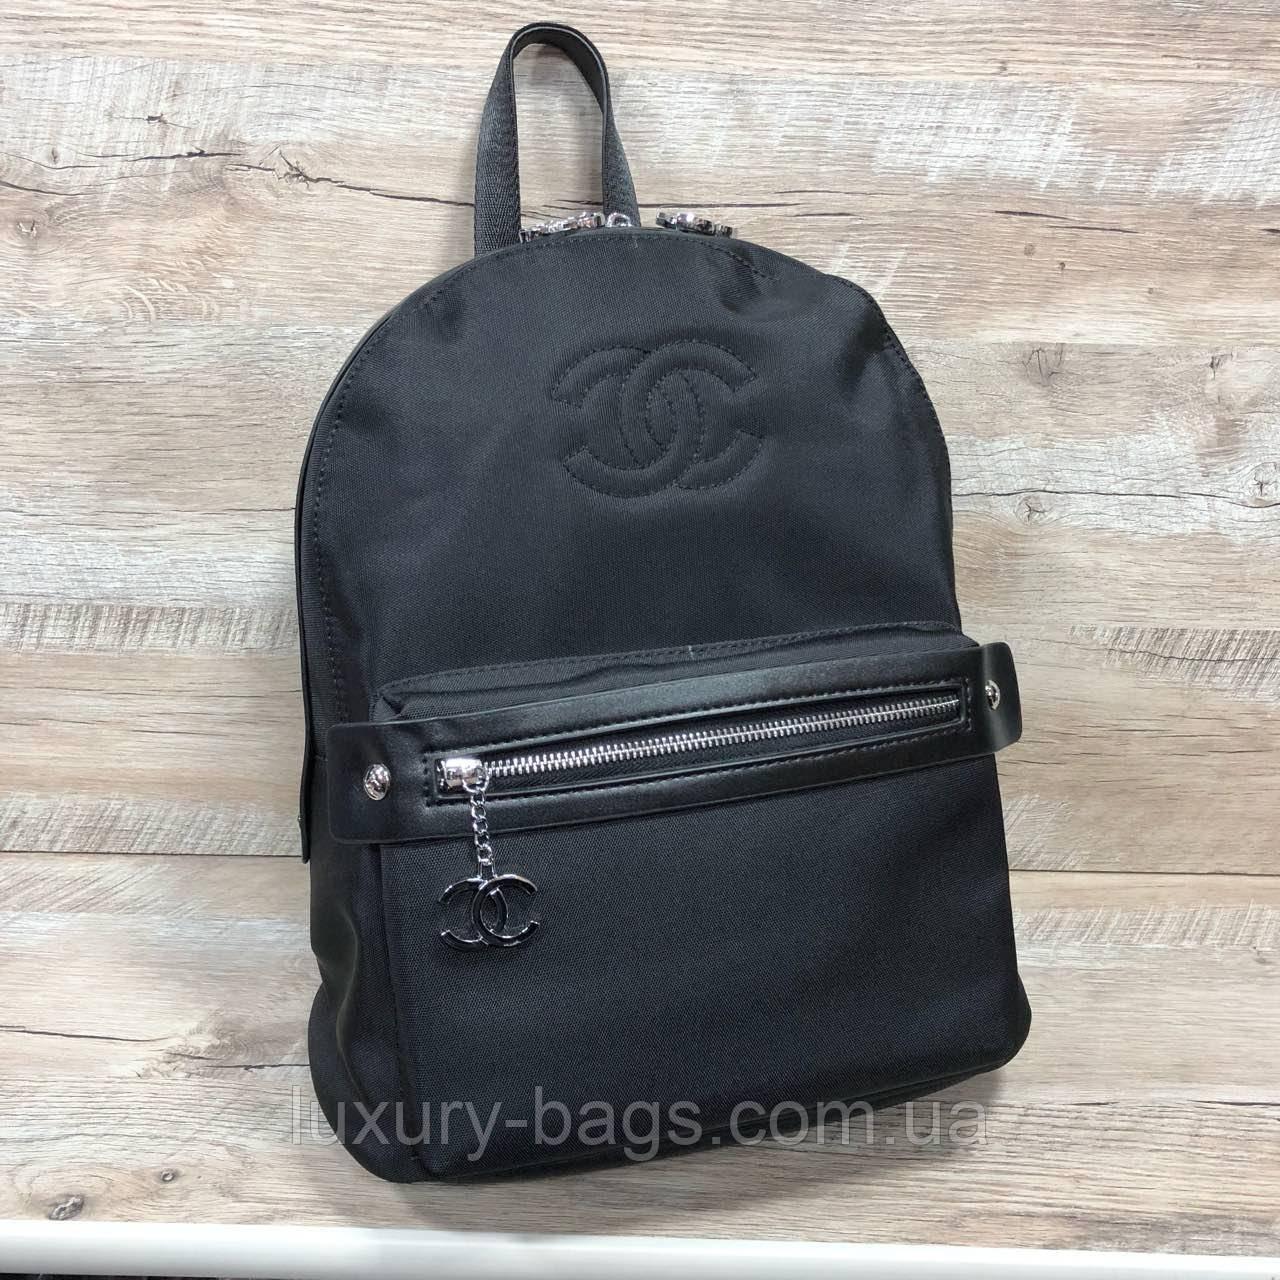 Жіночий стильний рюкзак міський